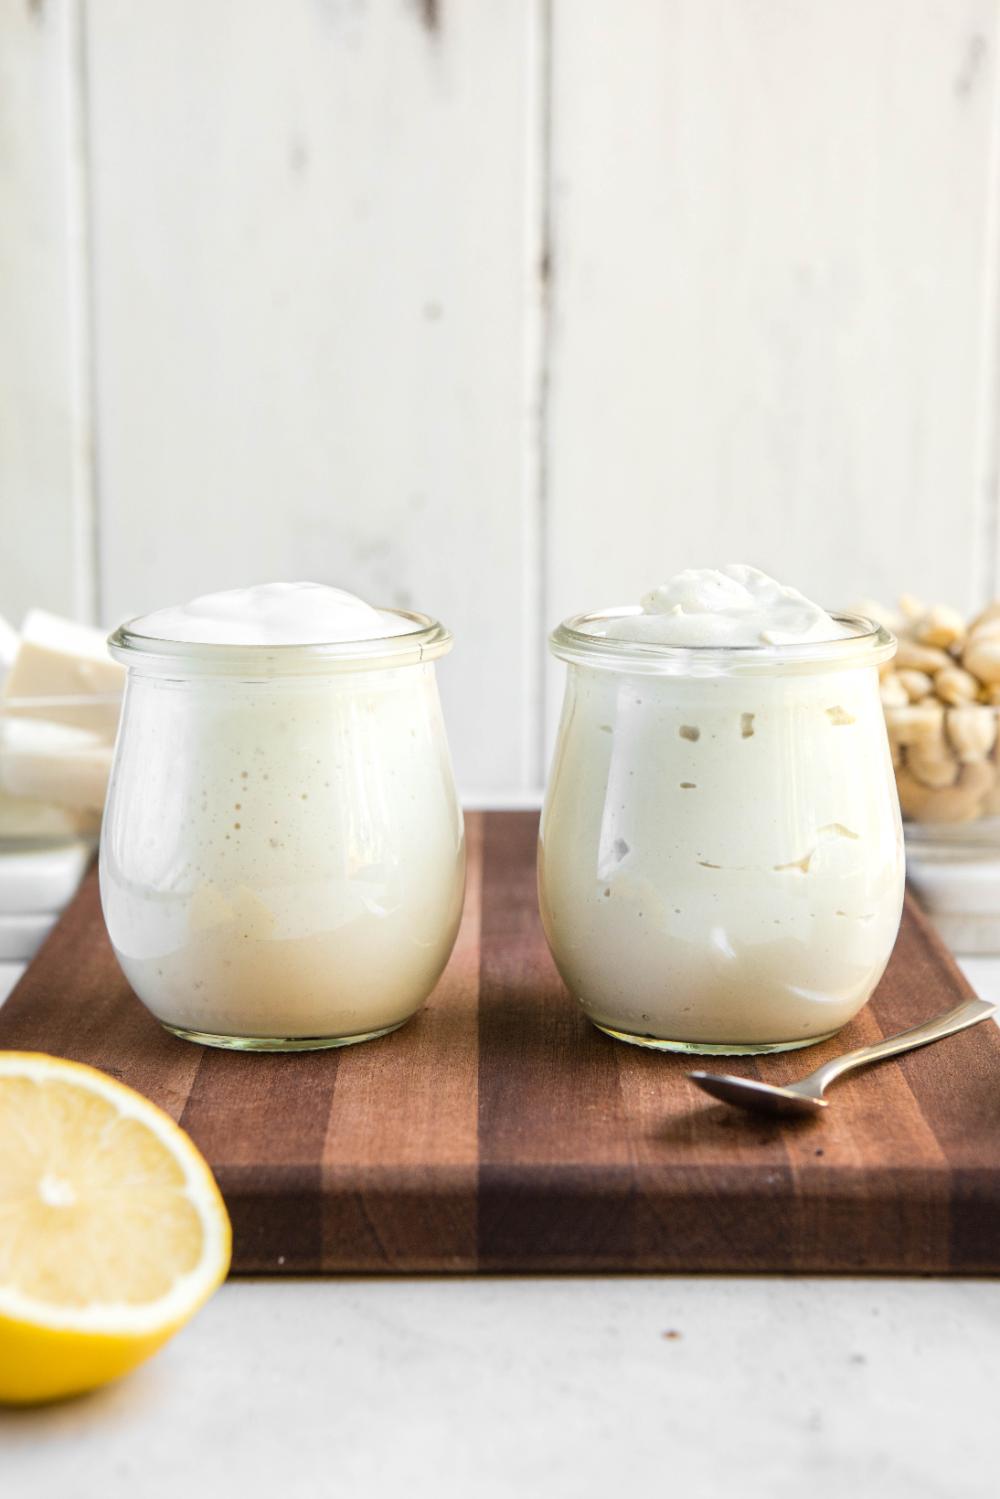 Easy Vegan Mayo Recipe Actually Healthy 2 Ways From My Bowl Recipe In 2020 Vegan Mayo Recipes Oil Free Vegan